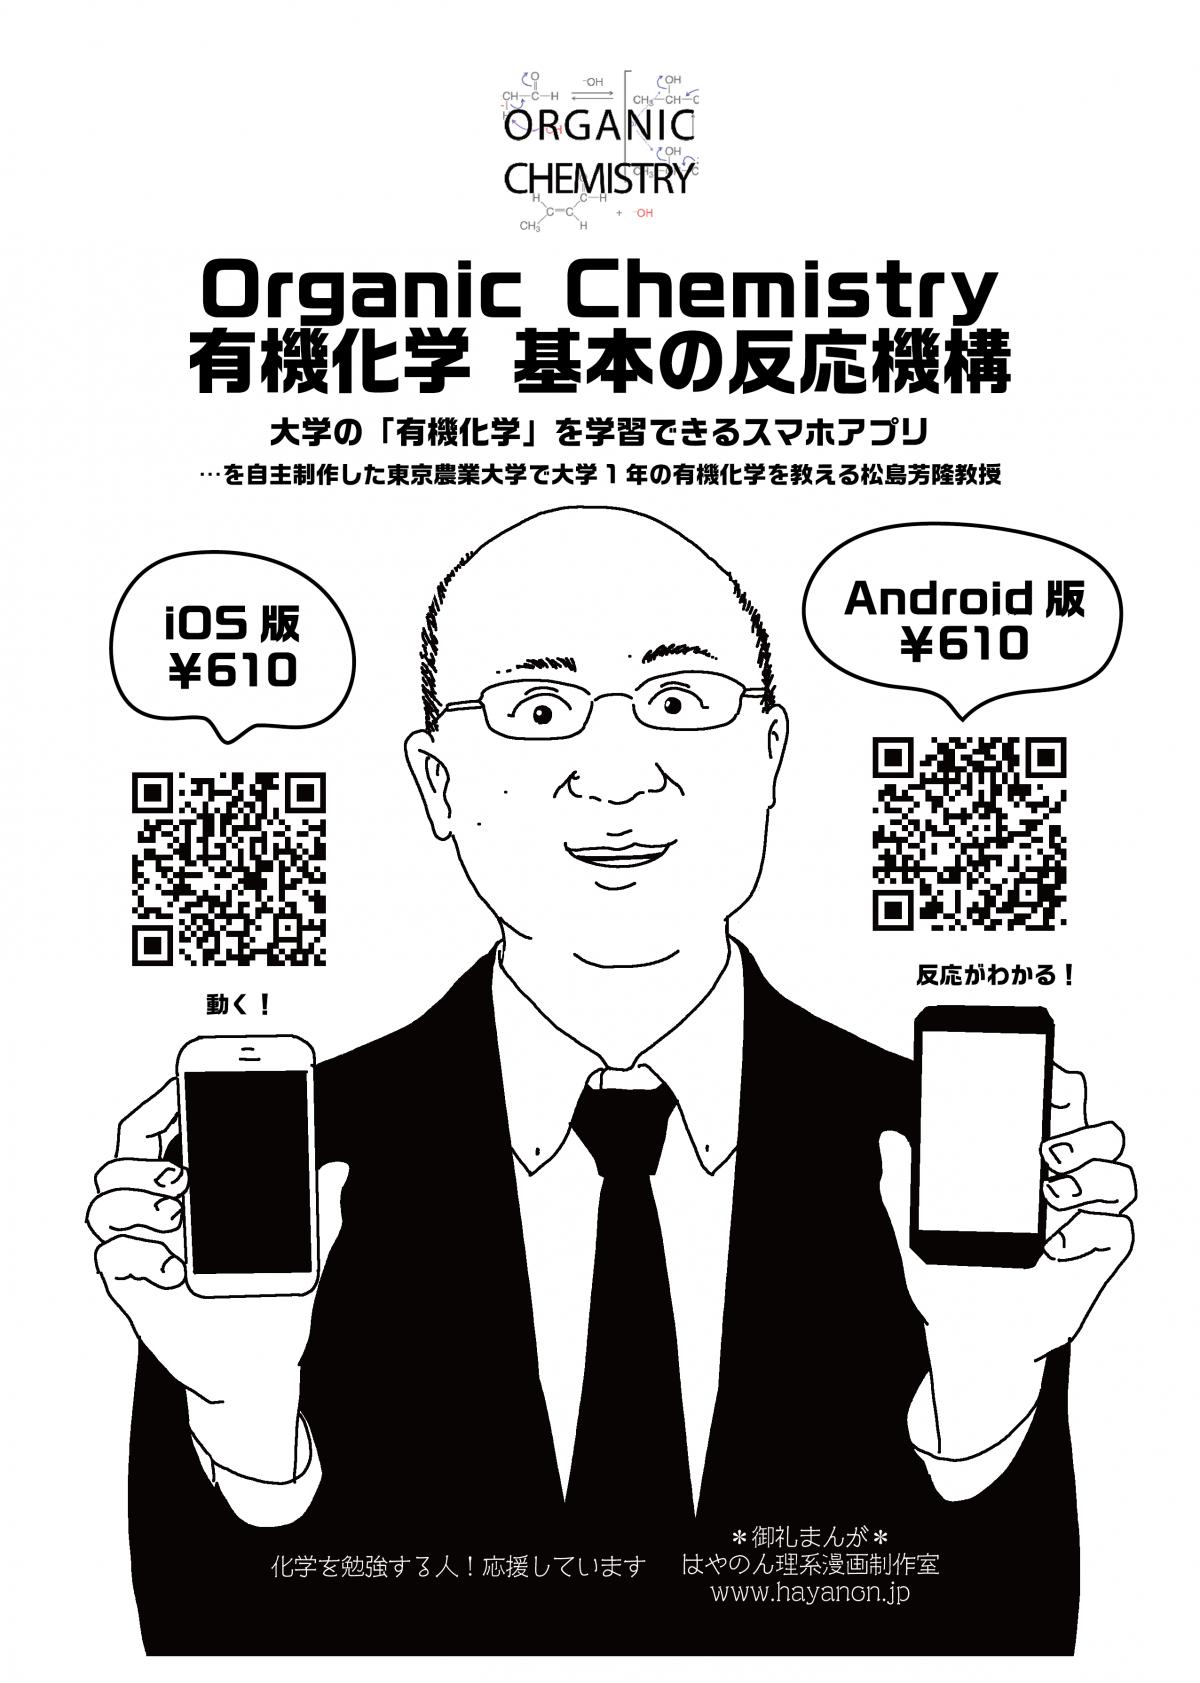 [アプリ紹介]Organic Chemistry 有機化学 基本の反応機構